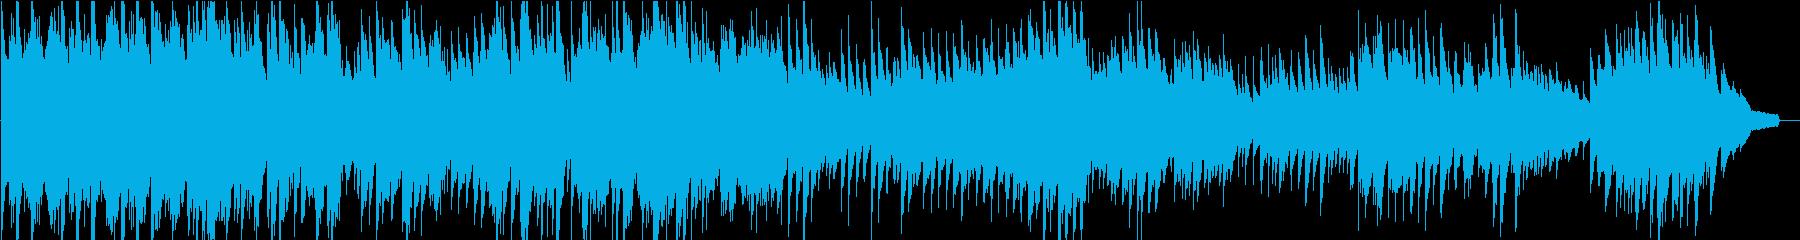 約3分の、幻想的で現代音楽的なピアノ楽曲の再生済みの波形